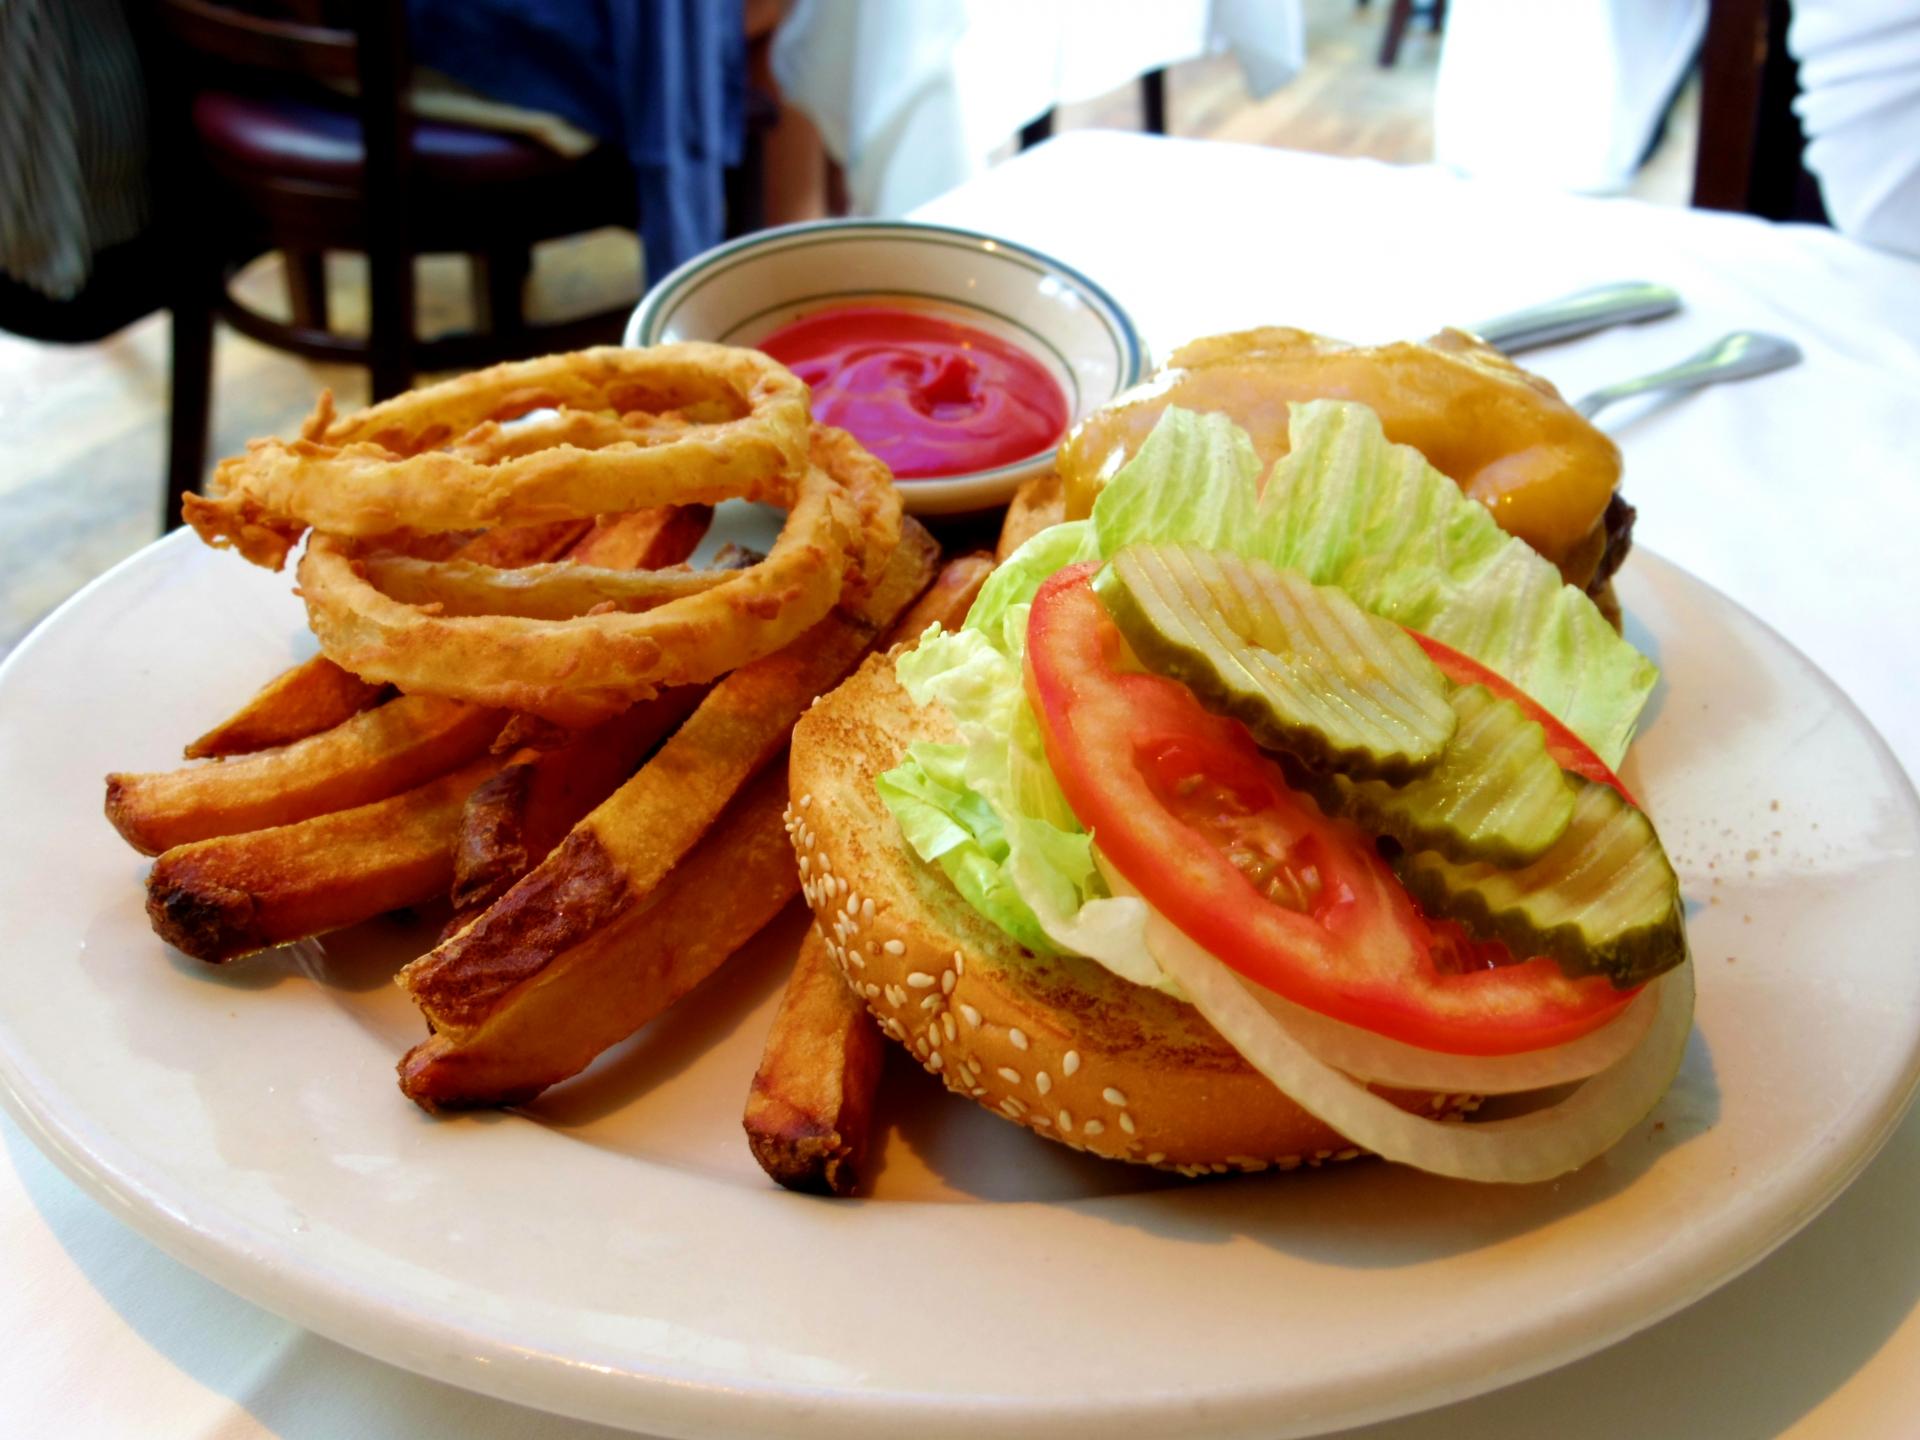 ベーカーバウンス三軒茶屋本店で絶品ハンバーガーを満喫!おすすめメニューは?